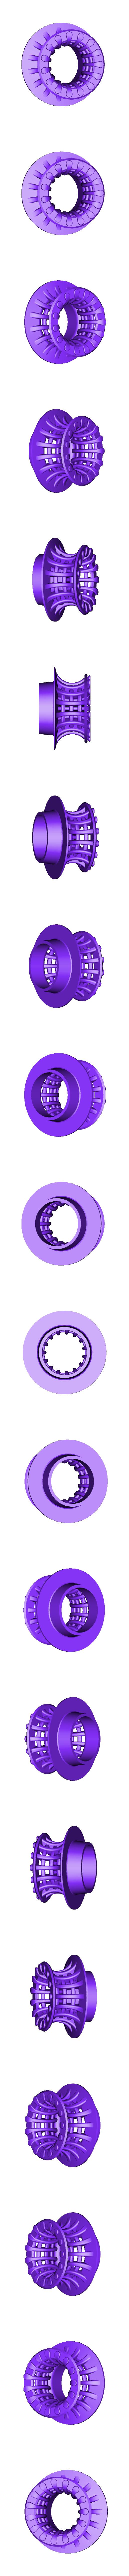 tub_hairr_catcher_thing_2.stl Télécharger fichier STL gratuit Capteur de cheveux pour bac de 36 mm ou 1 1/4 • Design imprimable en 3D, hitchabout